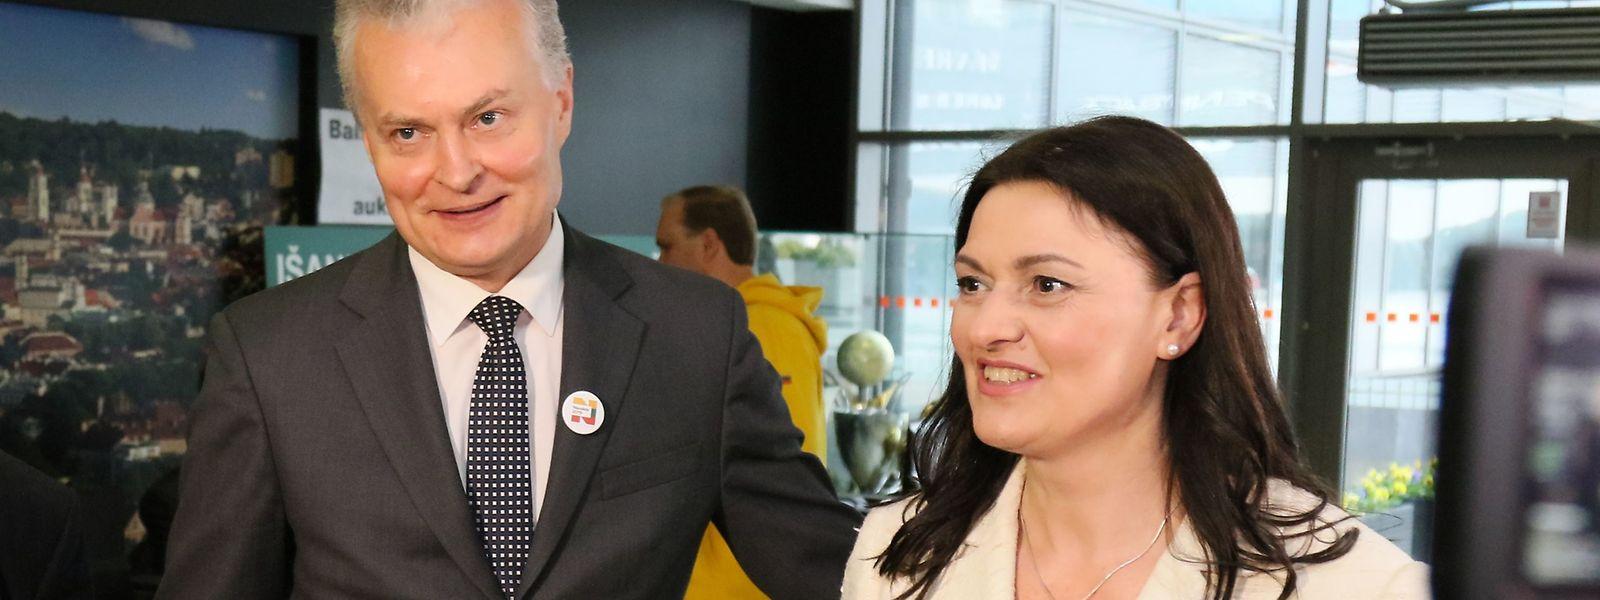 Der Ökonom Gitanas Nauseda (mit Ehefrau Diana Nausediene) geht als Favorit in die Stichwahl.